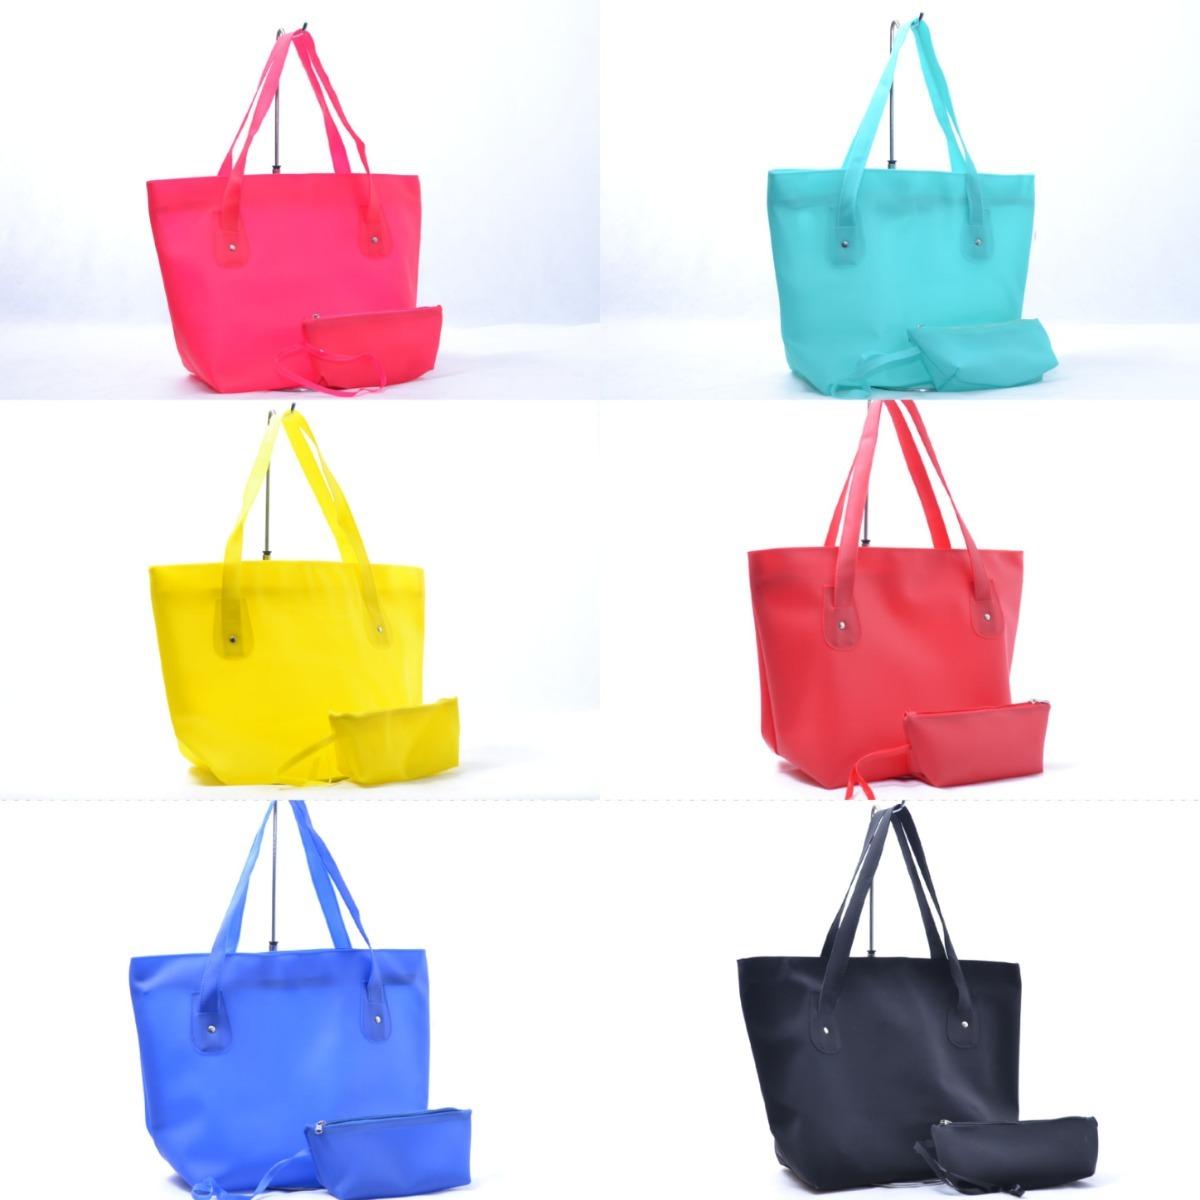 15 bolsa praia silicone verão impermeável + bolsinha cores 1. Carregando  zoom. 59b3a378dad